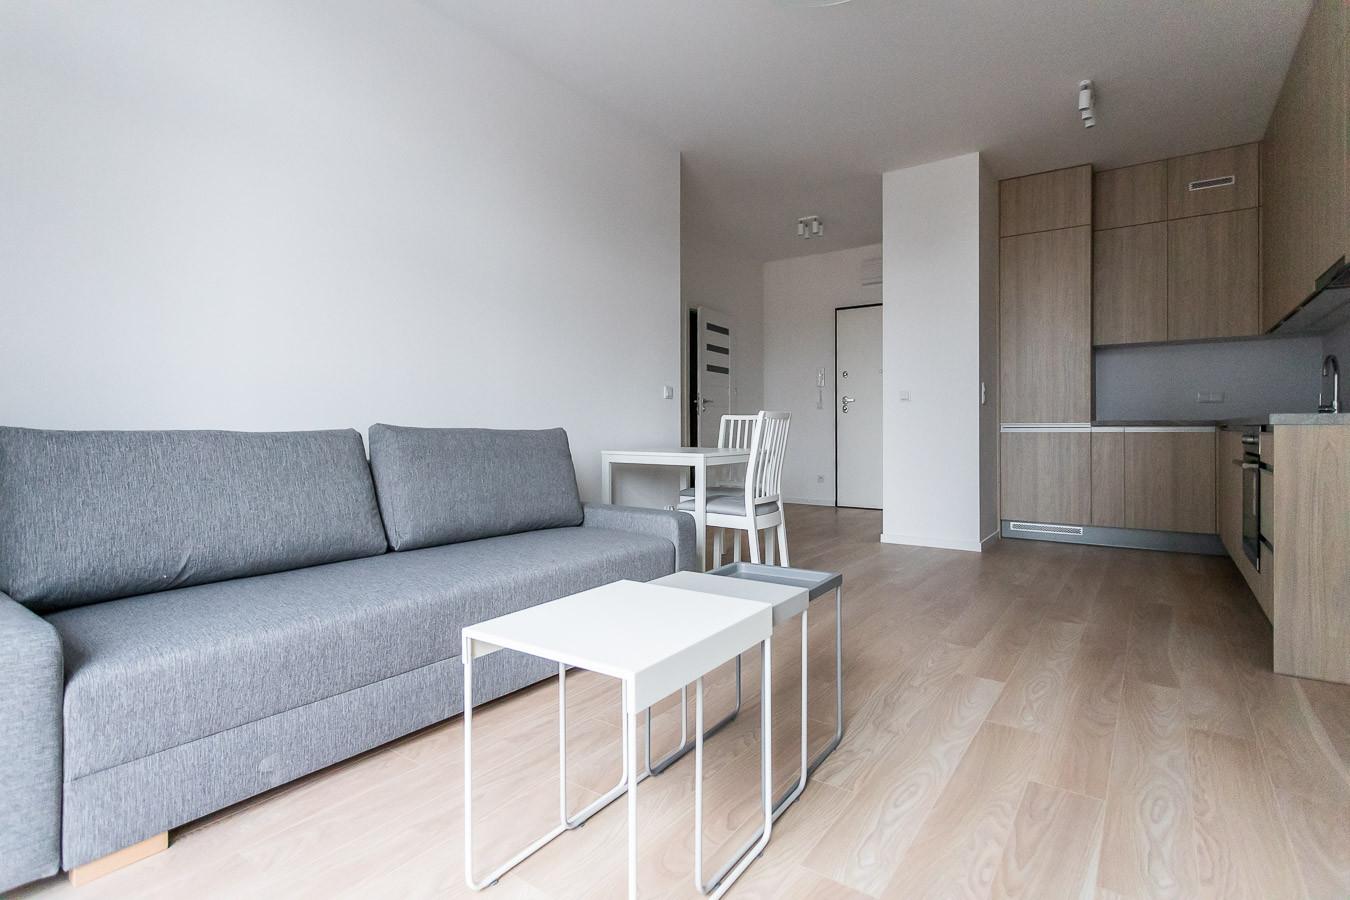 Browary Warszawskie flat 1 bedroom1.jpg